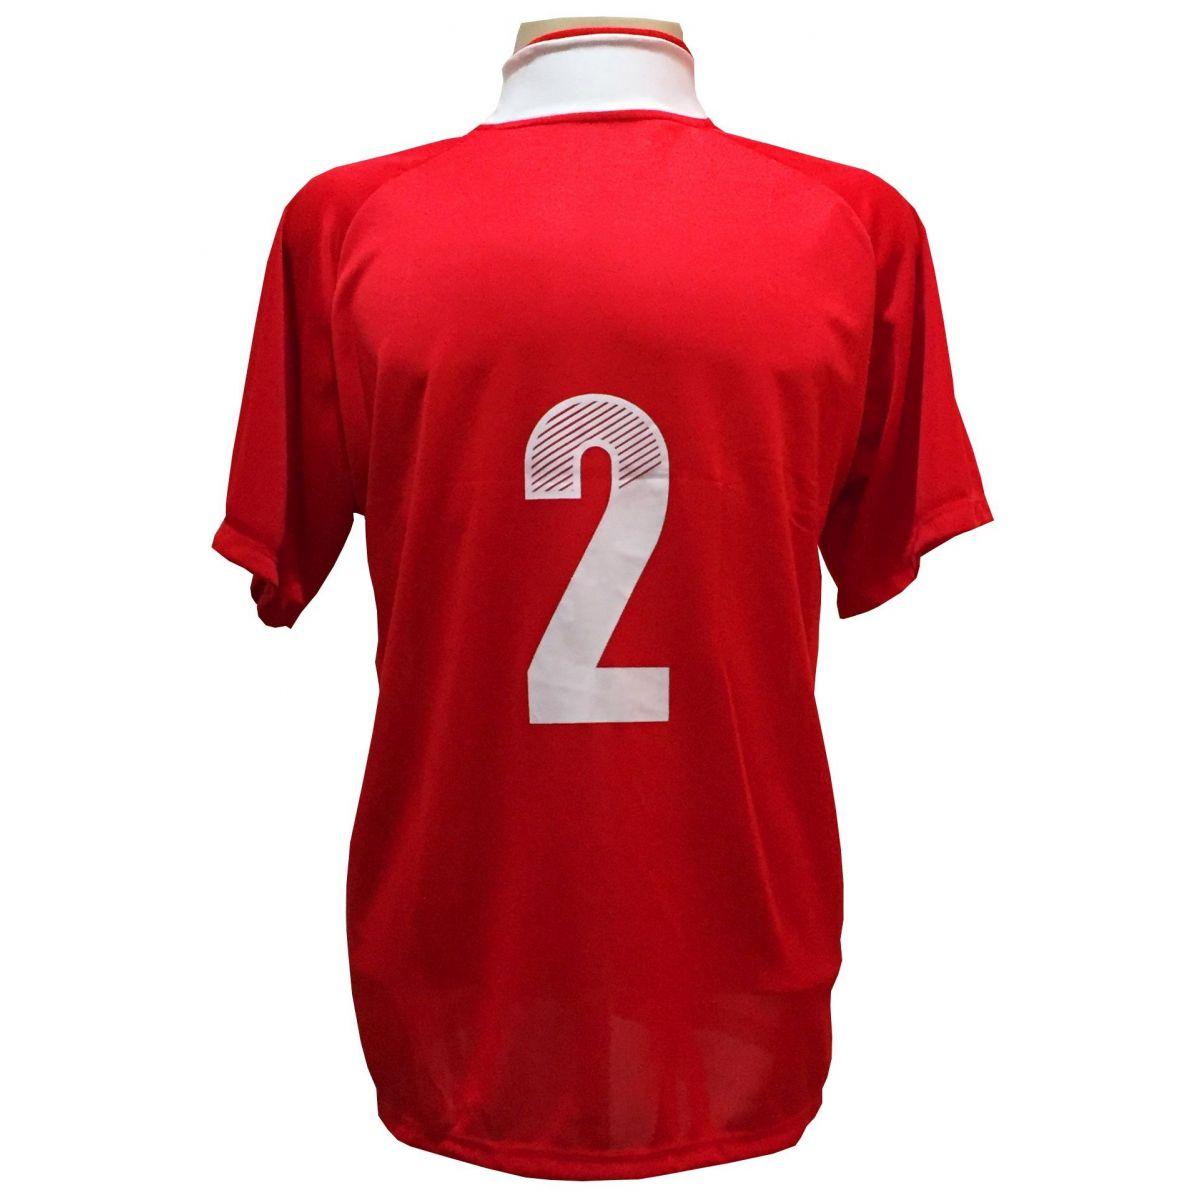 Uniforme Esportivo com 18 camisas modelo Milan Vermelho/Branco + 18 calções modelo Madrid + 1 Goleiro + Brindes